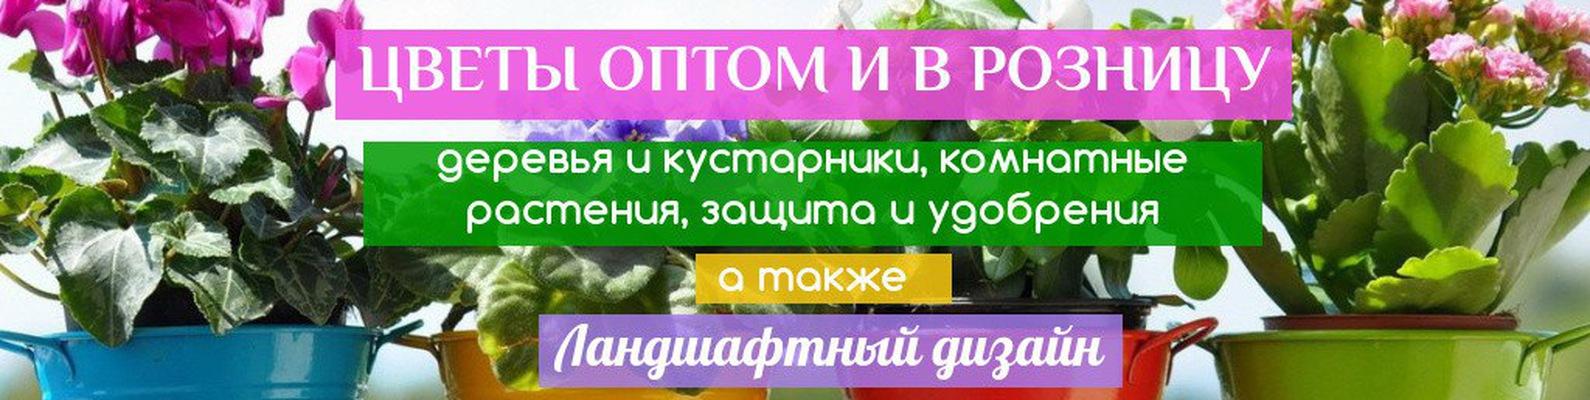 28a9dbde4 Растения и цветы в Одессе. Садовый центр-Земля_Х | ВКонтакте